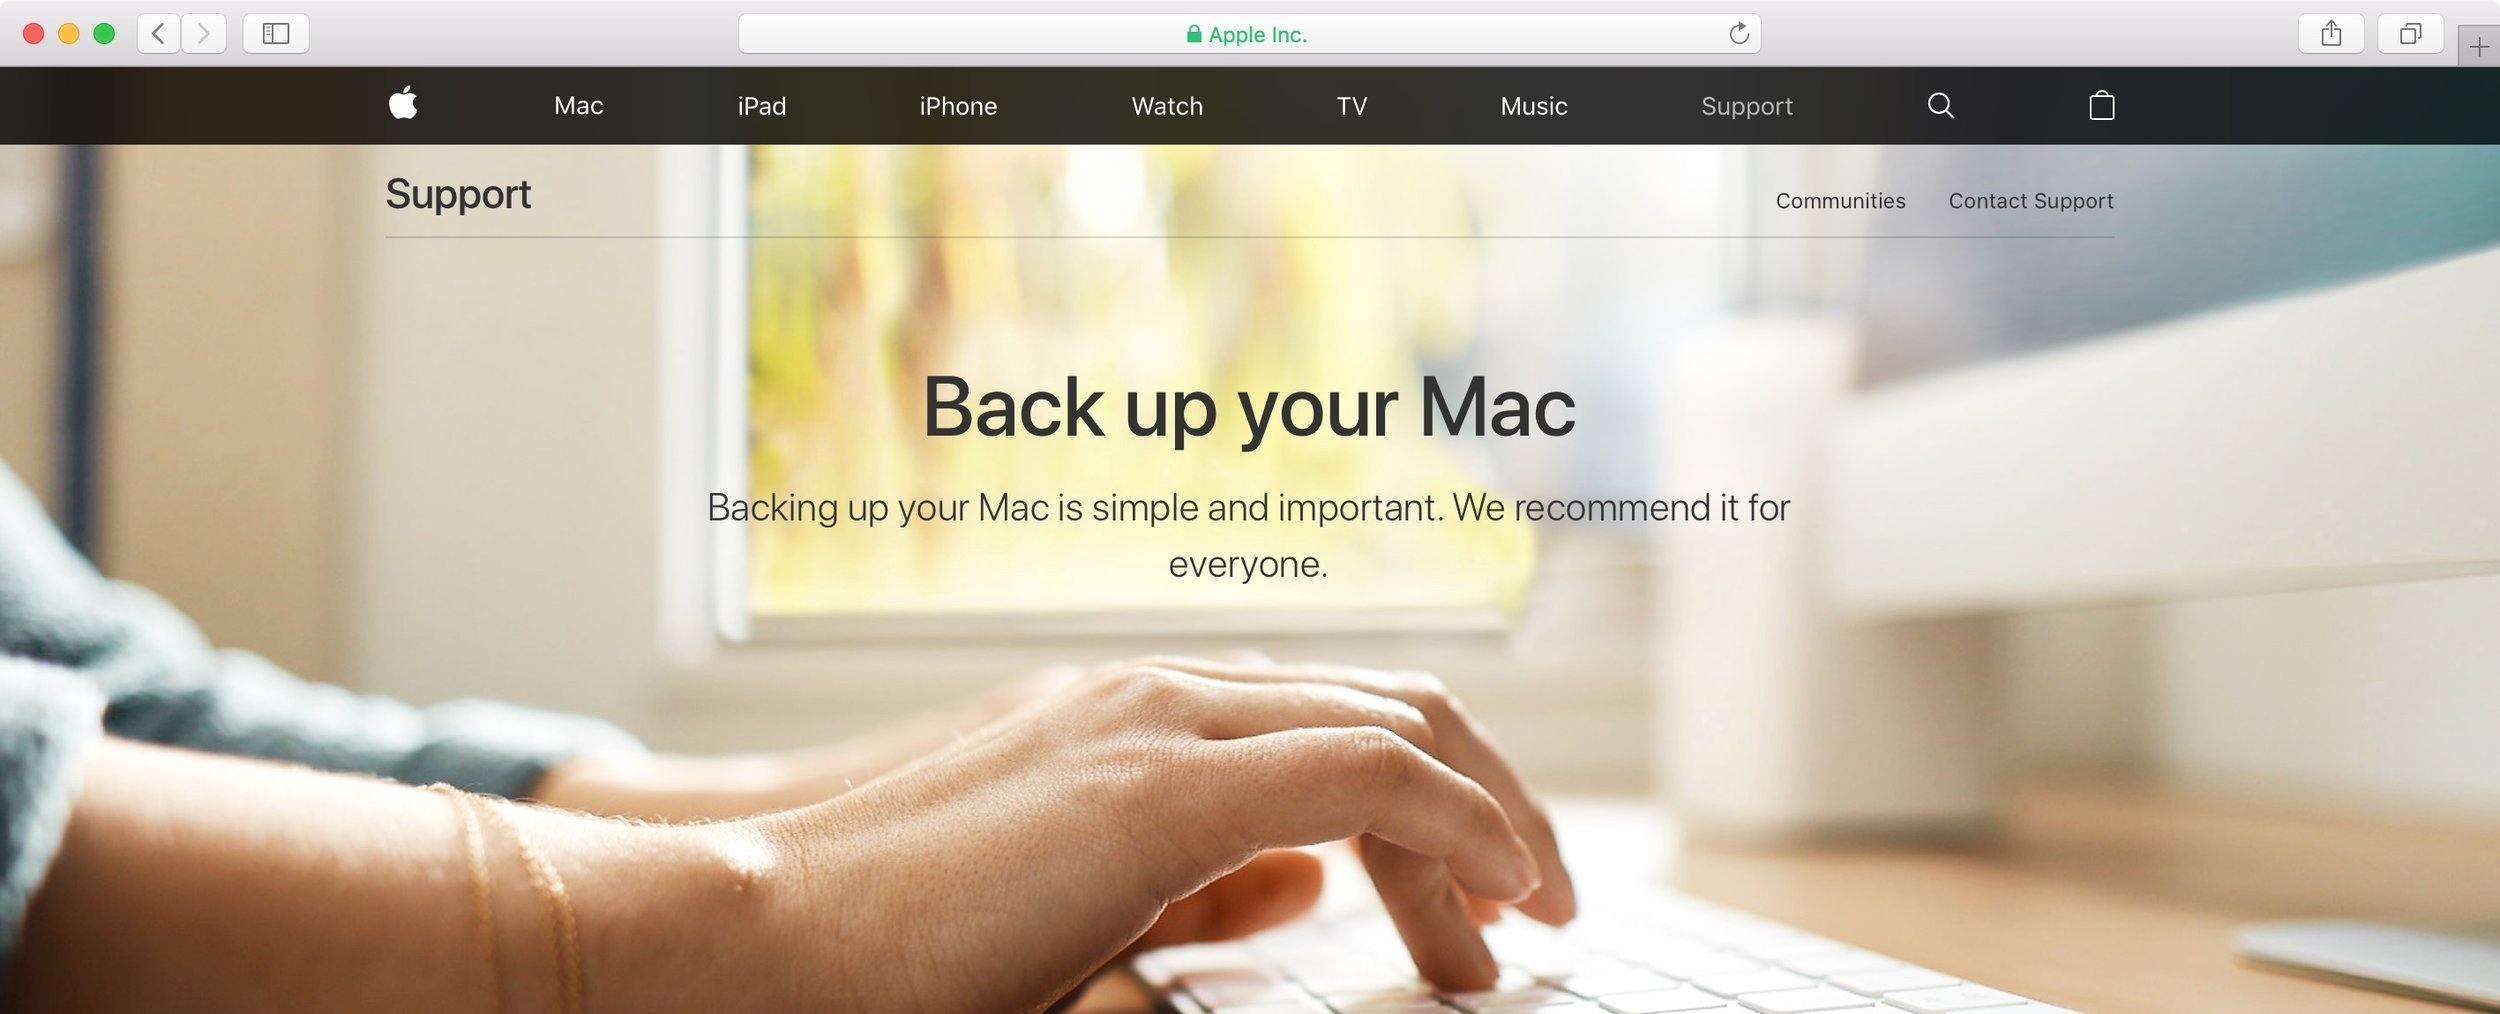 BackUpYourMac.jpeg